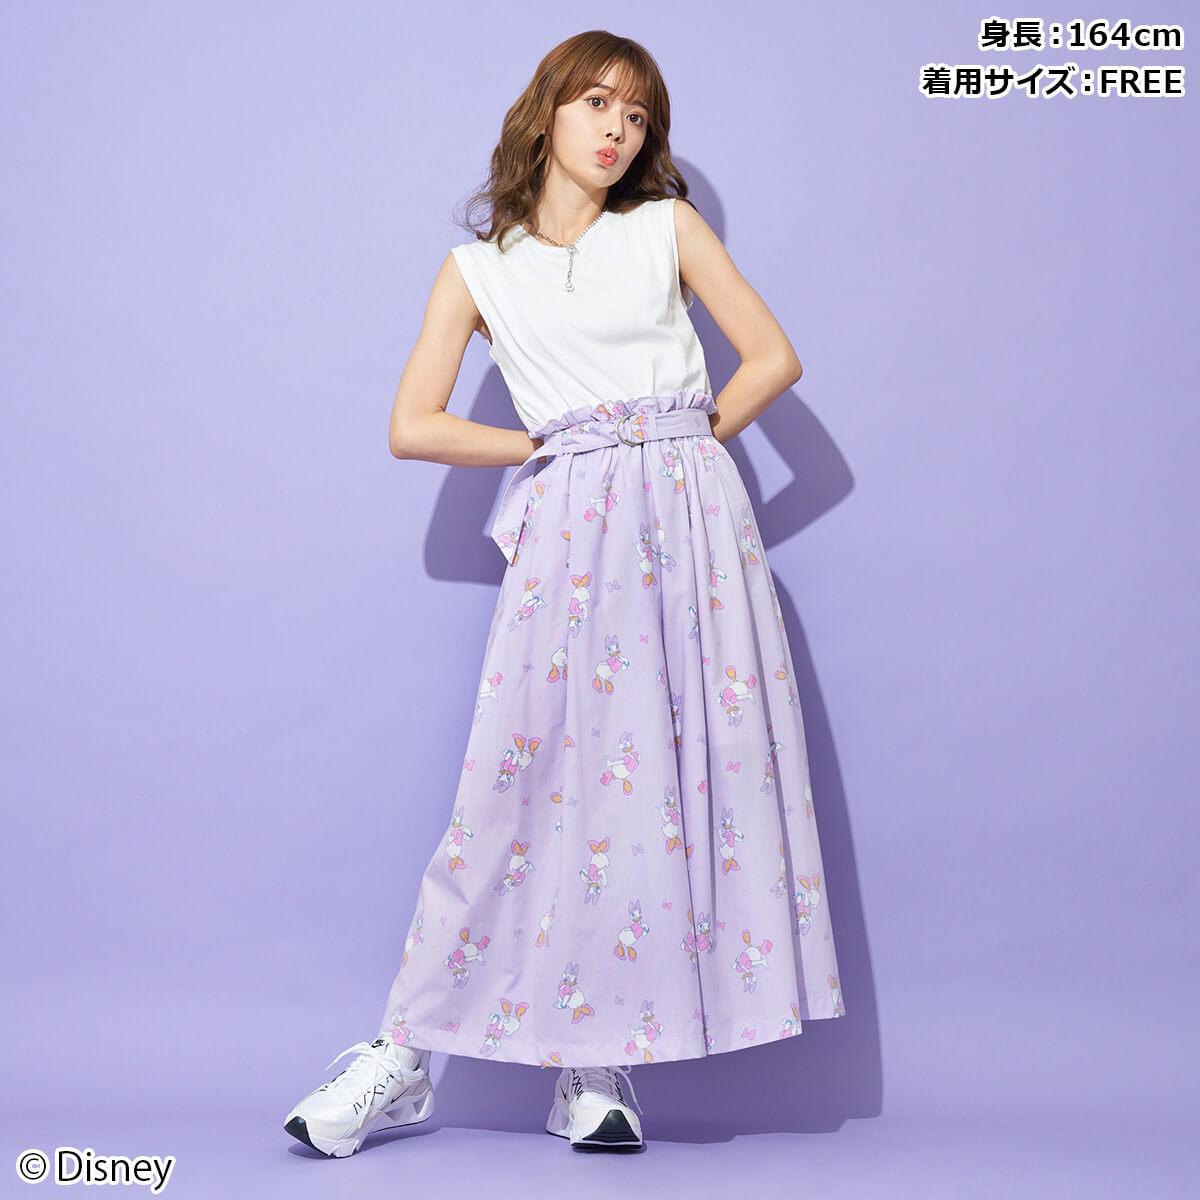 特別セール品 パニカムトーキョー キャラクターファッションの通販専門店 Disney ディズニー 総柄スカート デイジーダック 新商品 新型 82comb